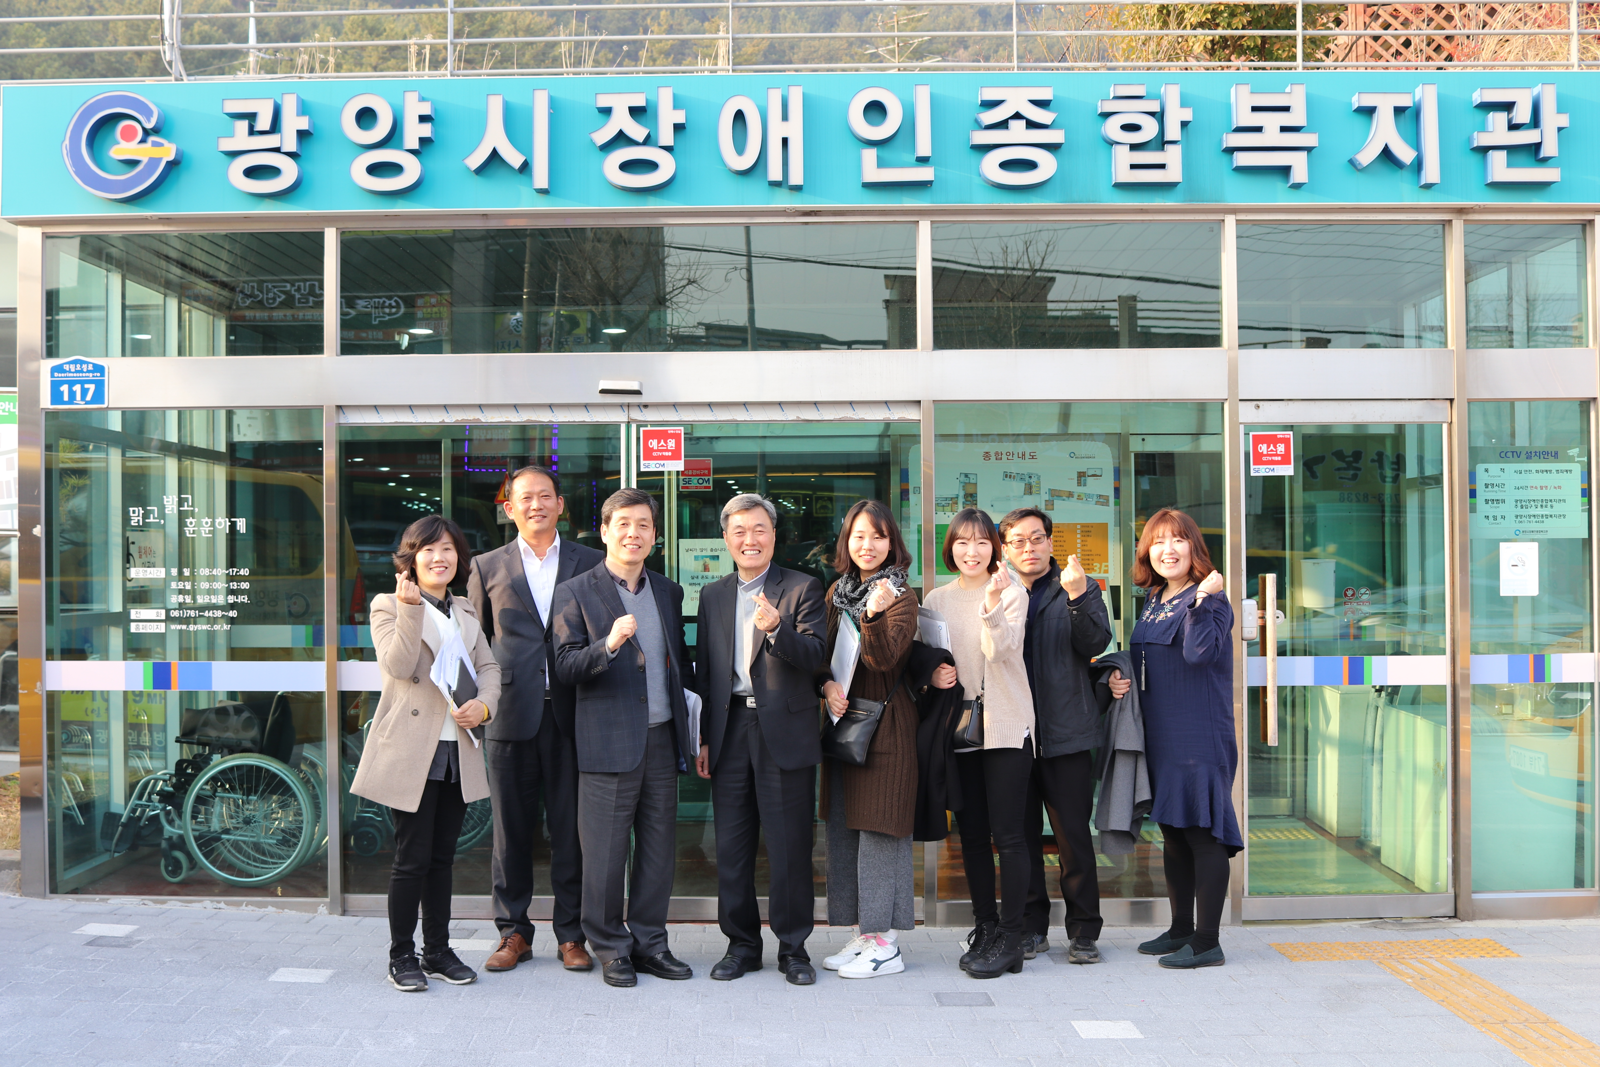 광양시장애인복지관 앞에서 단체사진